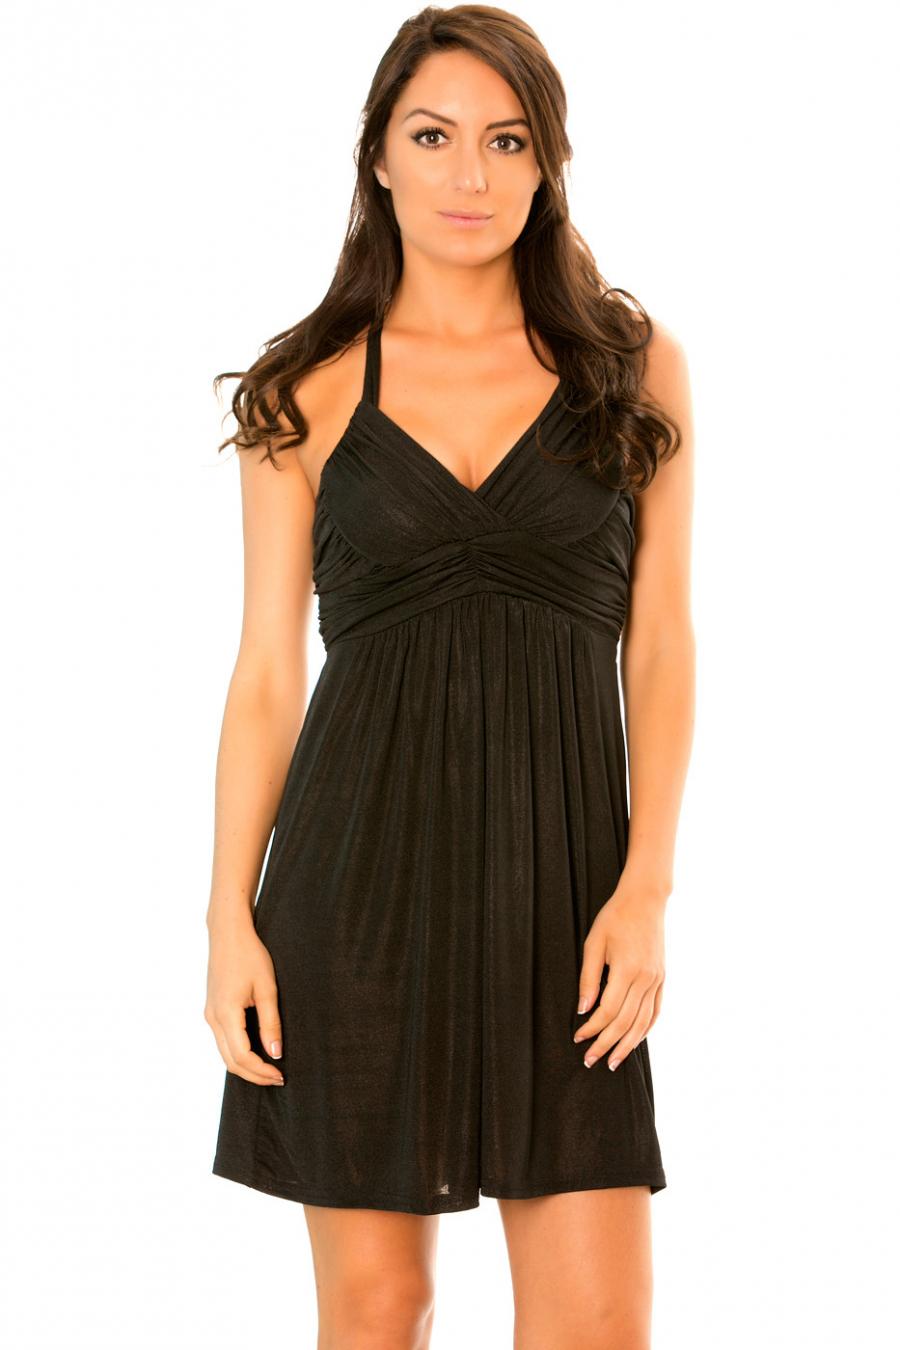 Glitterende zwarte jurk met diepe hals en riempje. 1105